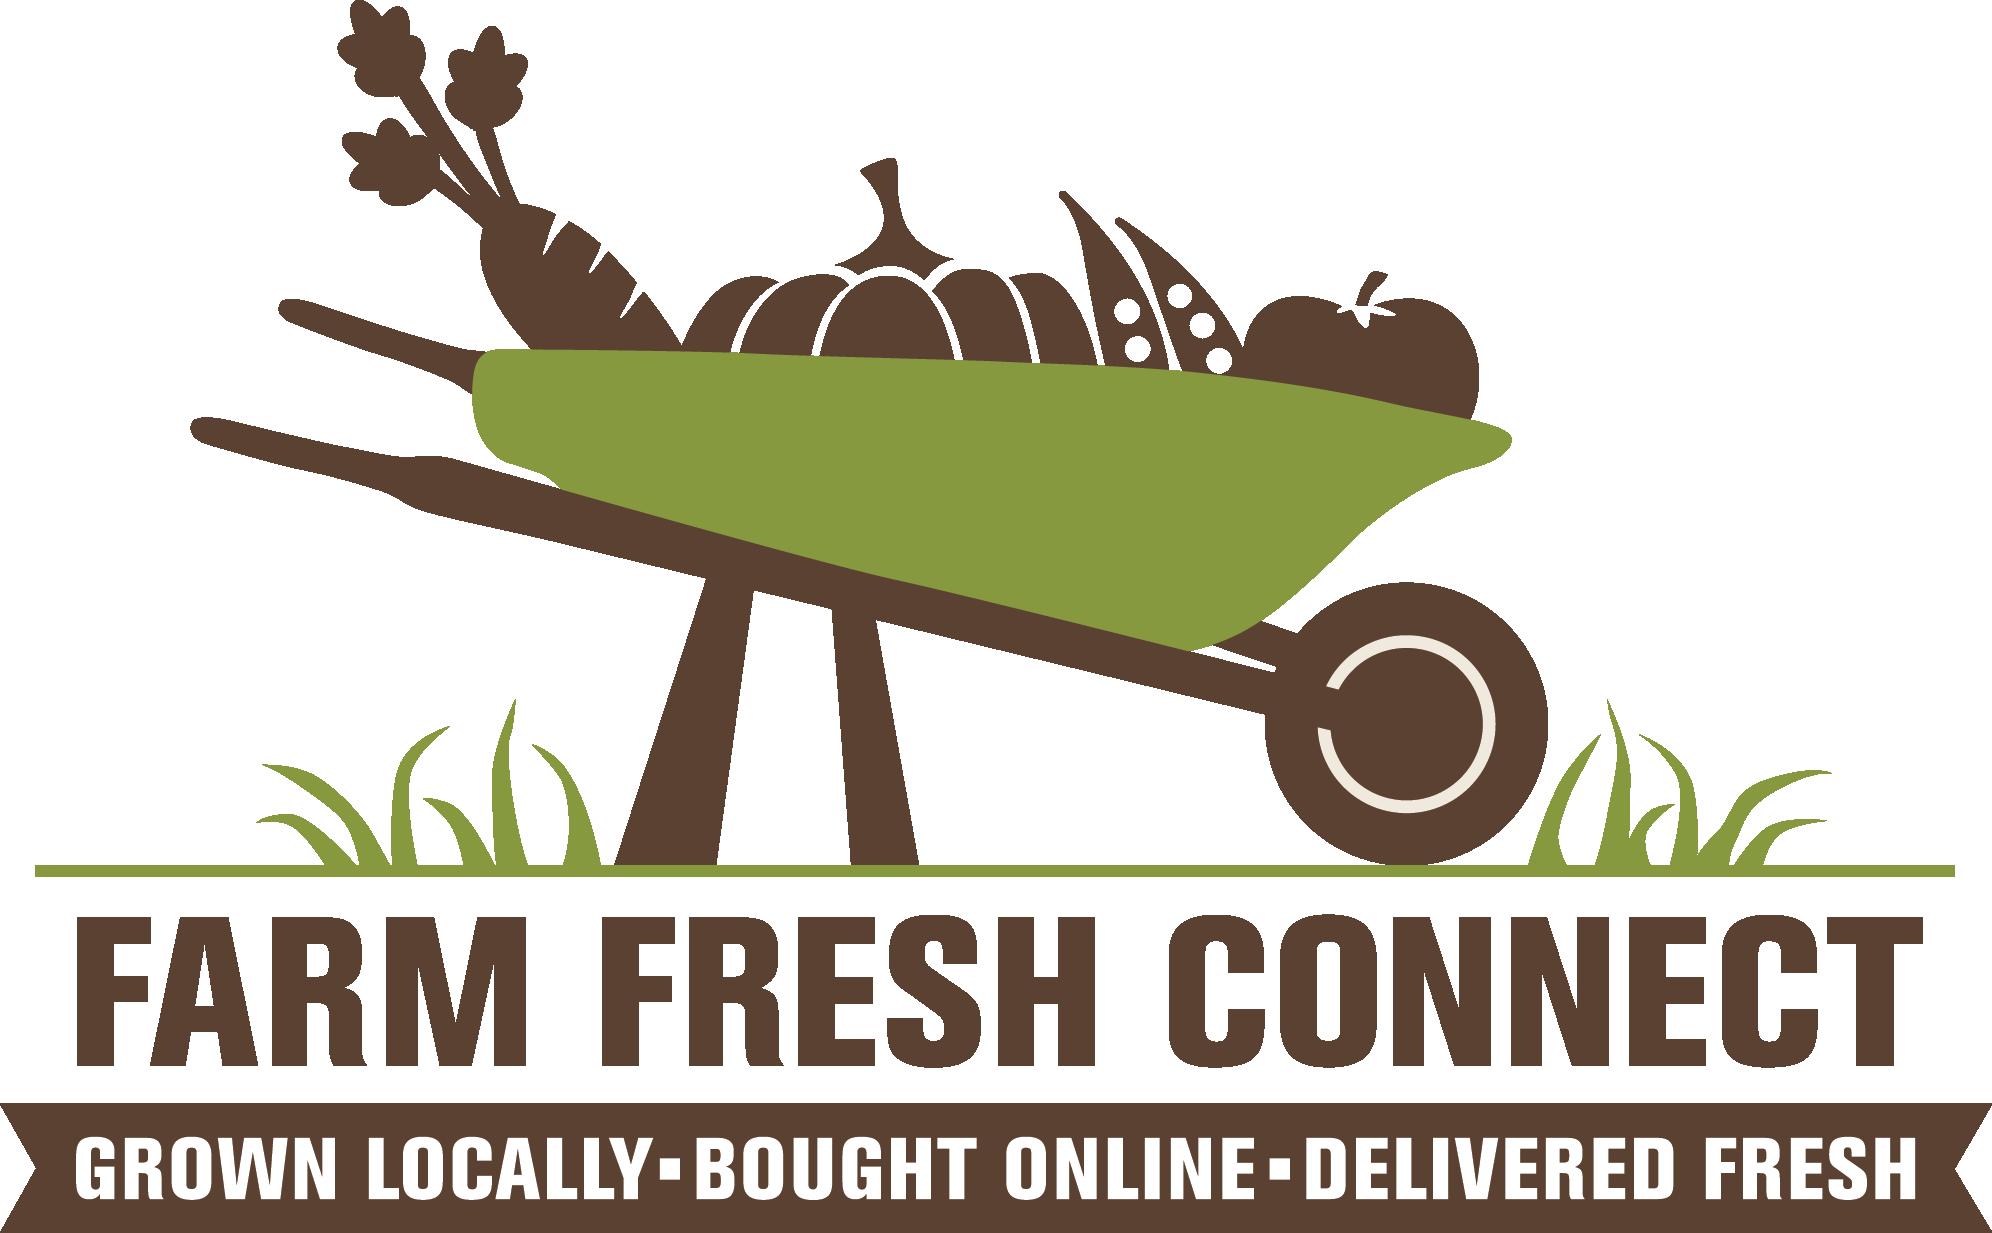 Farm Fresh Connect